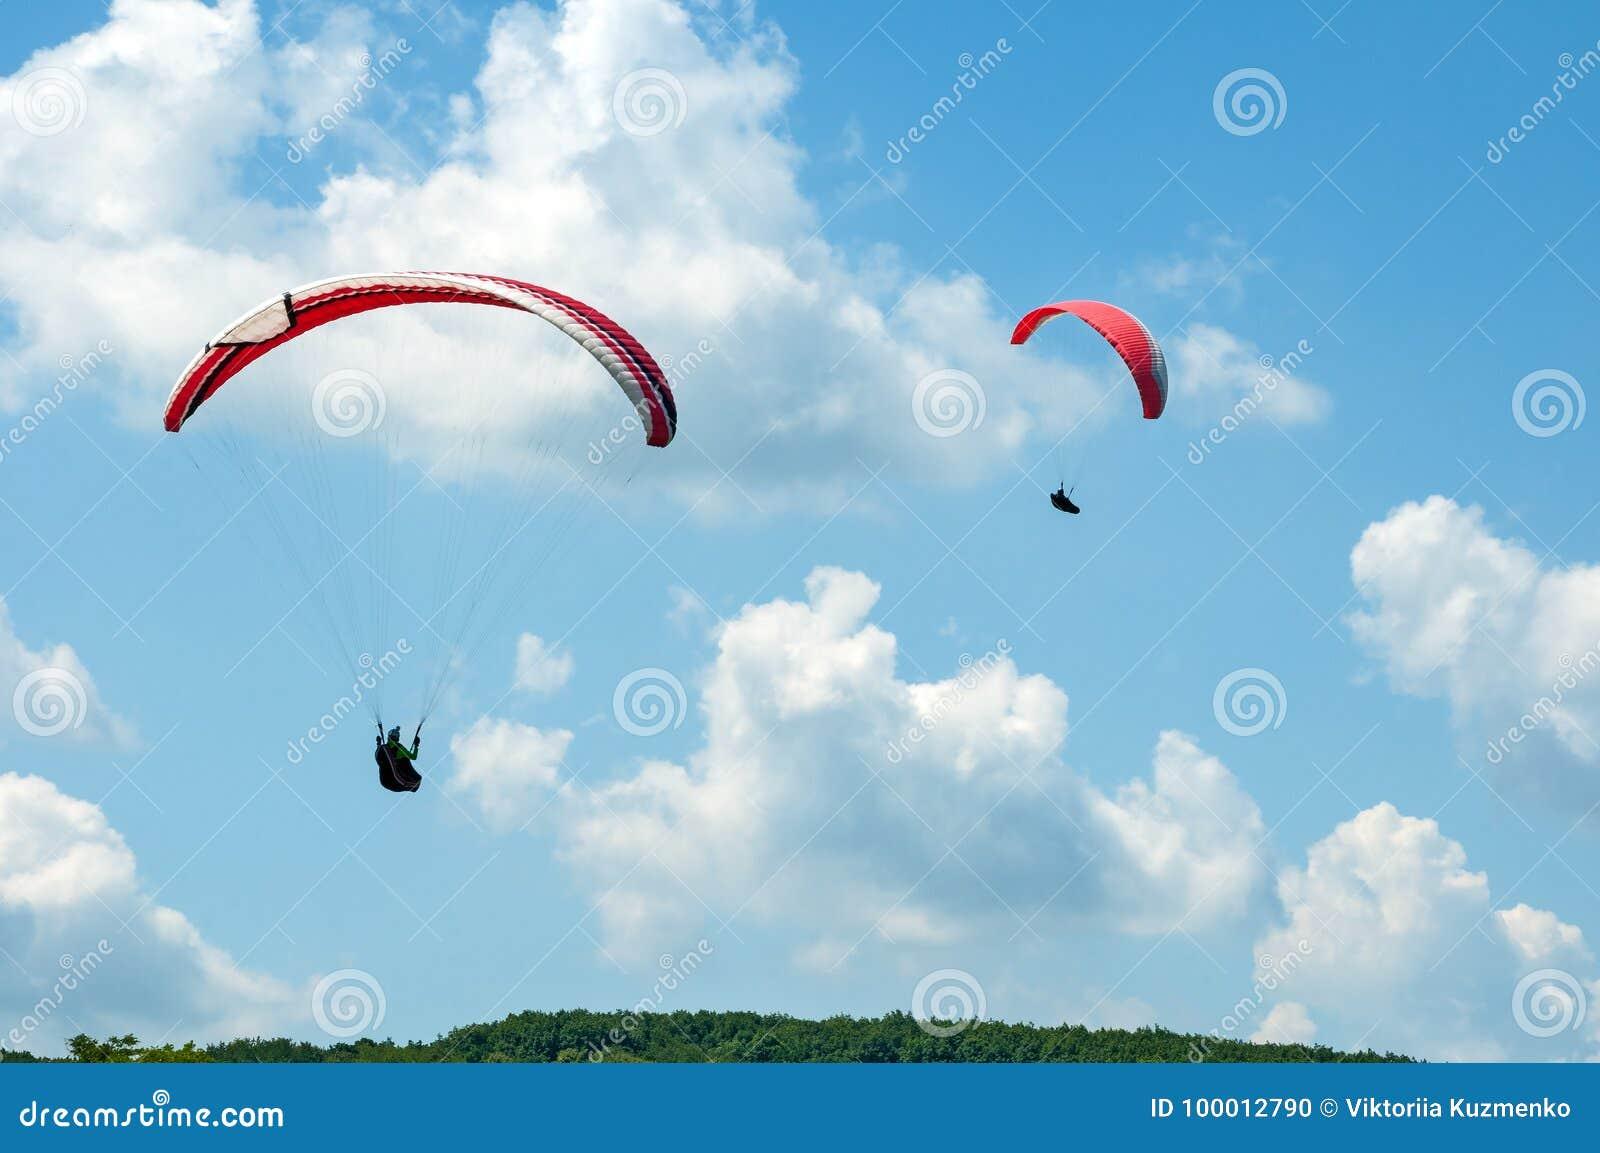 飞行在蓝天的两个滑翔伞以云彩为背景